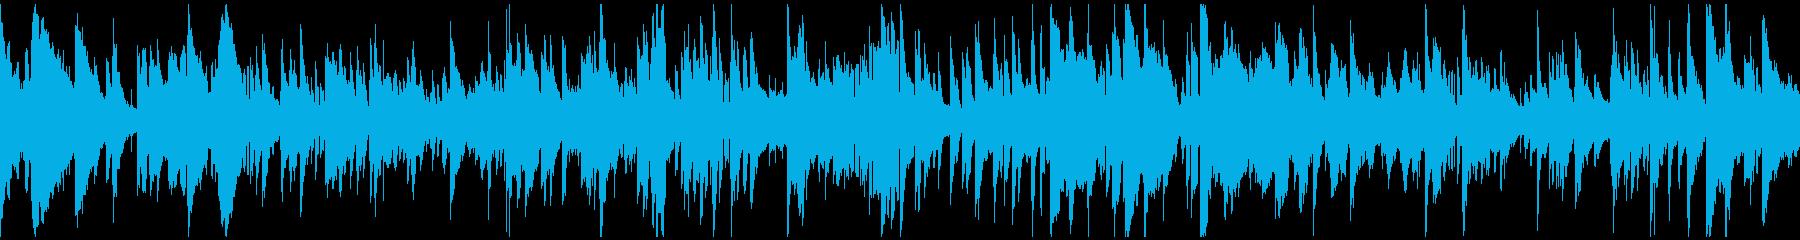 妖しい音色のサスペンスバラード※ループ版の再生済みの波形